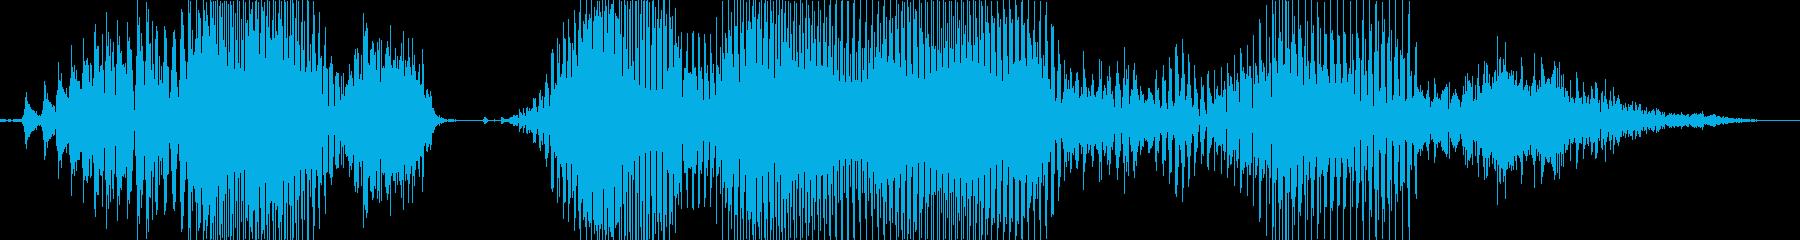 よろしくお願いします!の再生済みの波形